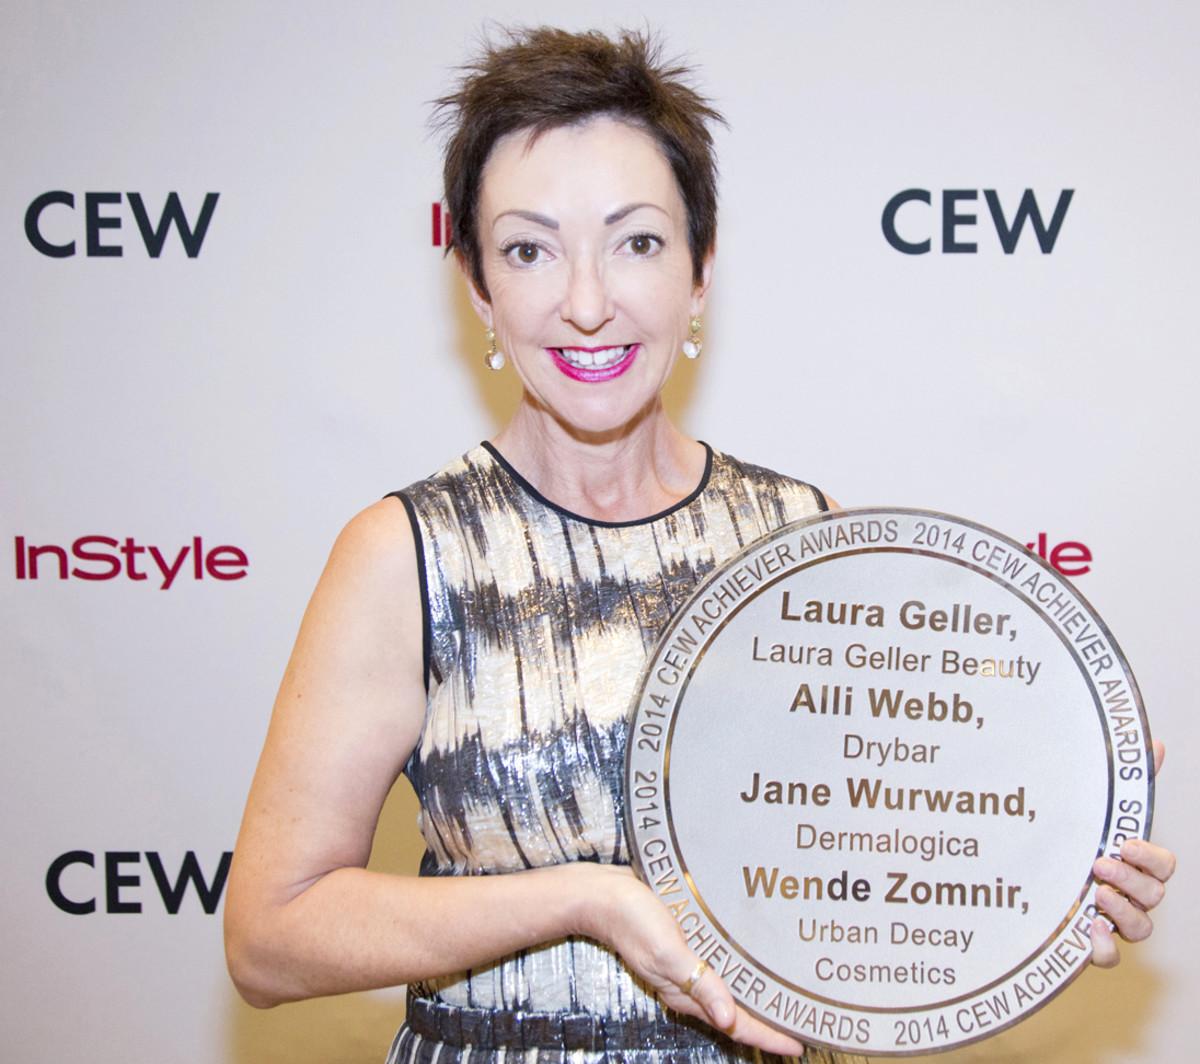 Dermalogica's Jane Wurwand, 2014 CEW Achiever Award reciptient